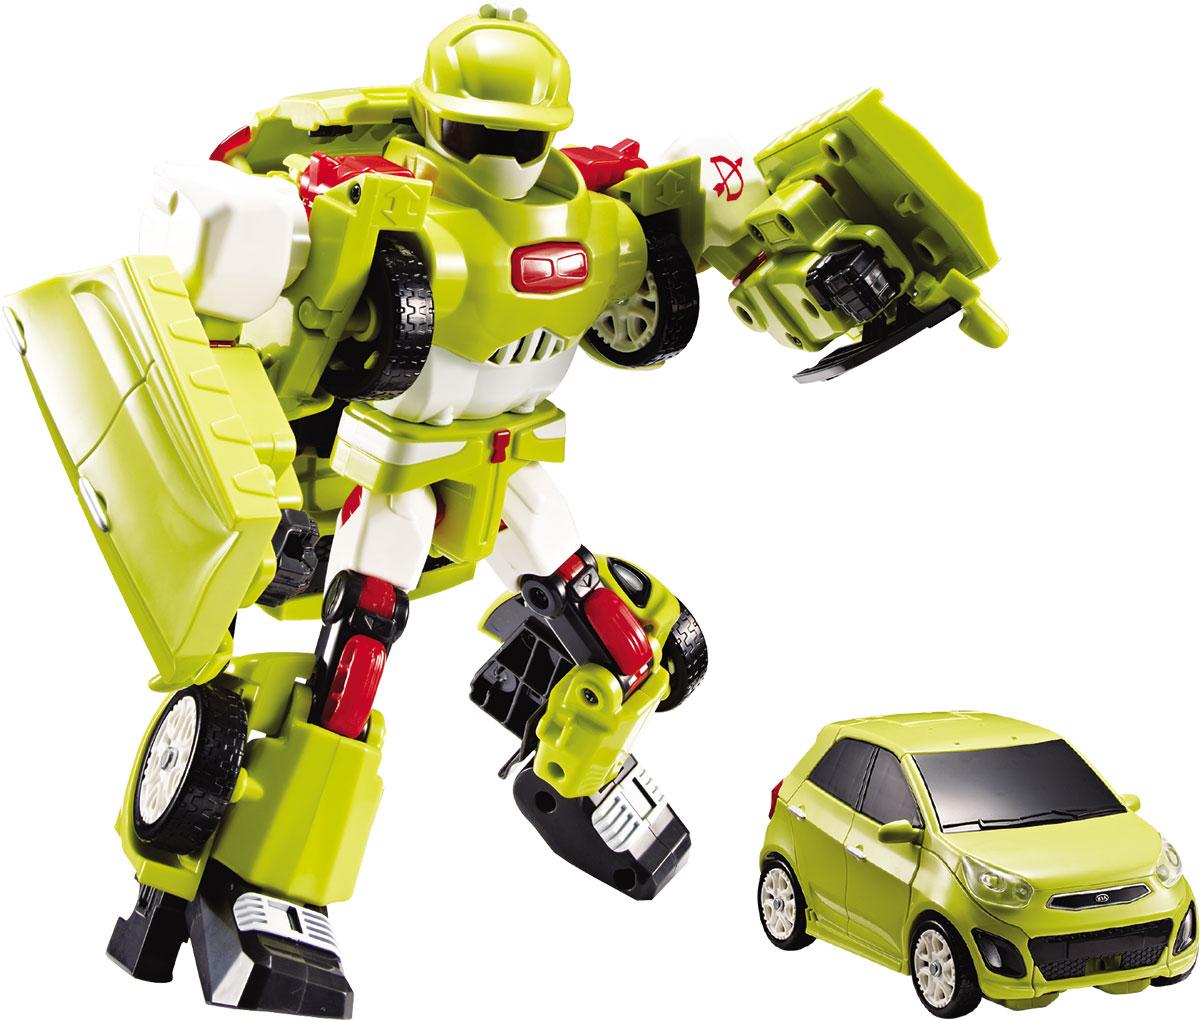 Tobot Трансформер D301015Трансформер TOBOT D, 2 ключа-токена, 3 батарейки LR44, наклейки. Датчик касания, ТОБОТ начинает говорить когда дотрагиваешься до него